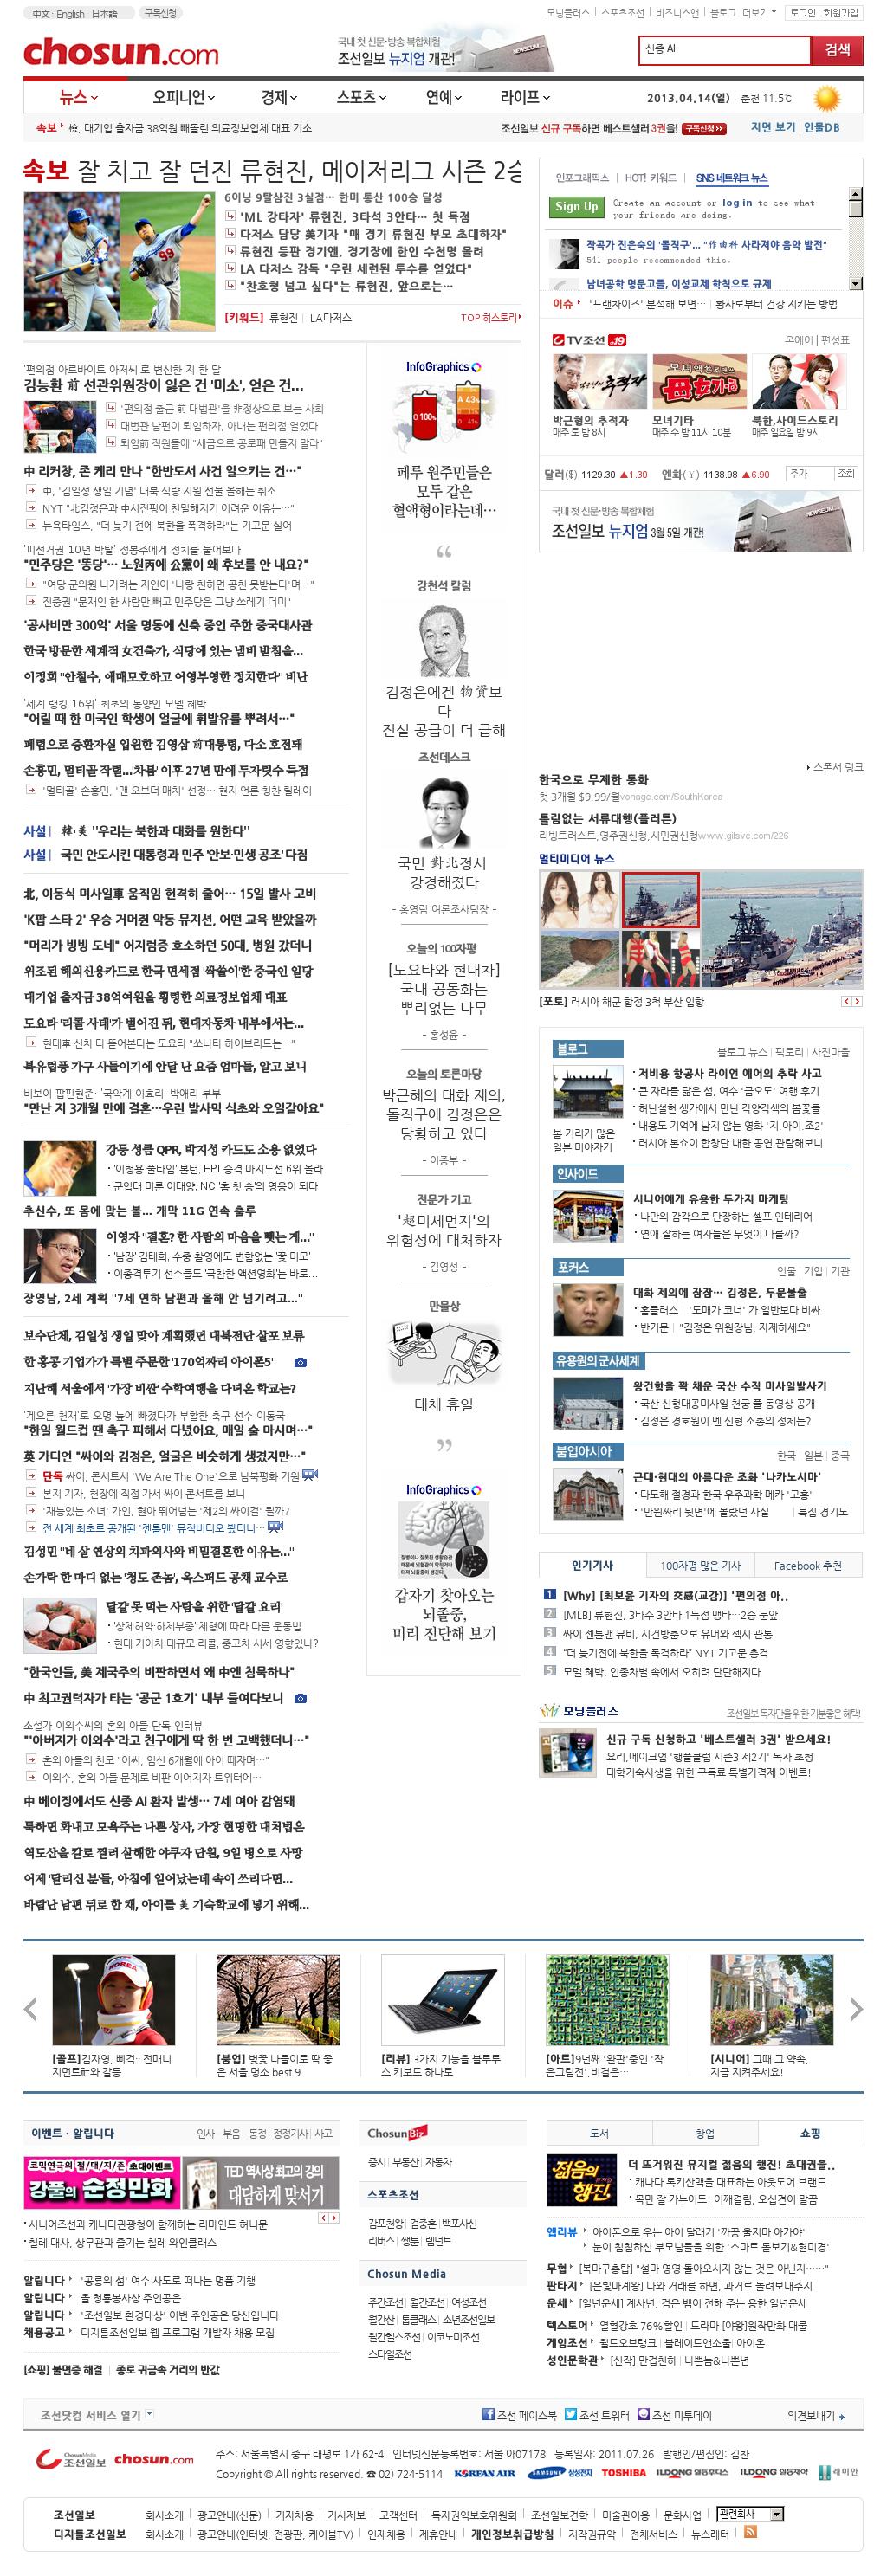 chosun.com at Sunday April 14, 2013, 4:03 a.m. UTC